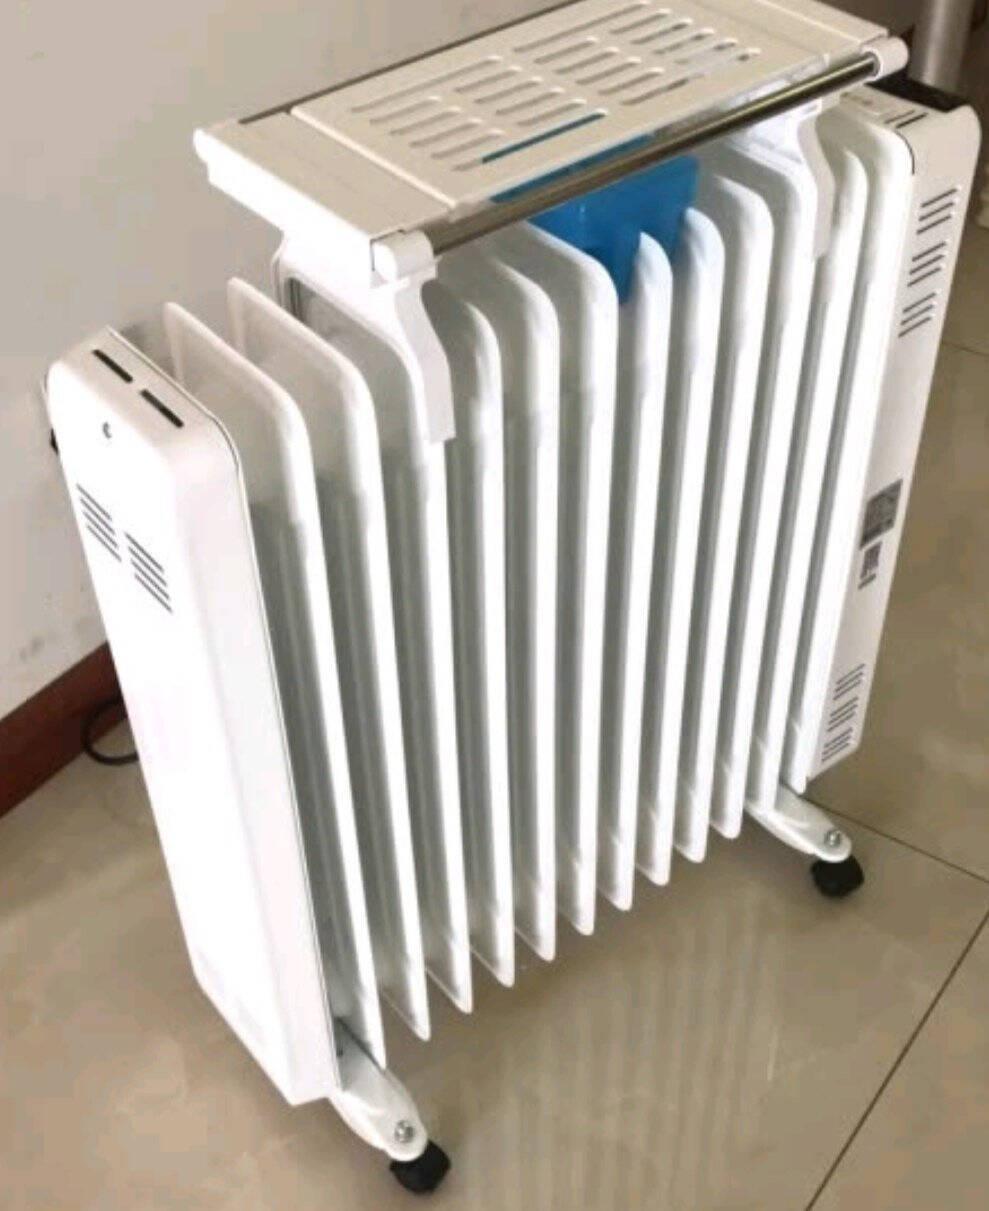 格力(GREE)取暖器/电暖器/电暖气片家用145MM宽片/节能省电静音加湿烘衣13片电热油汀NDY11-X6026a